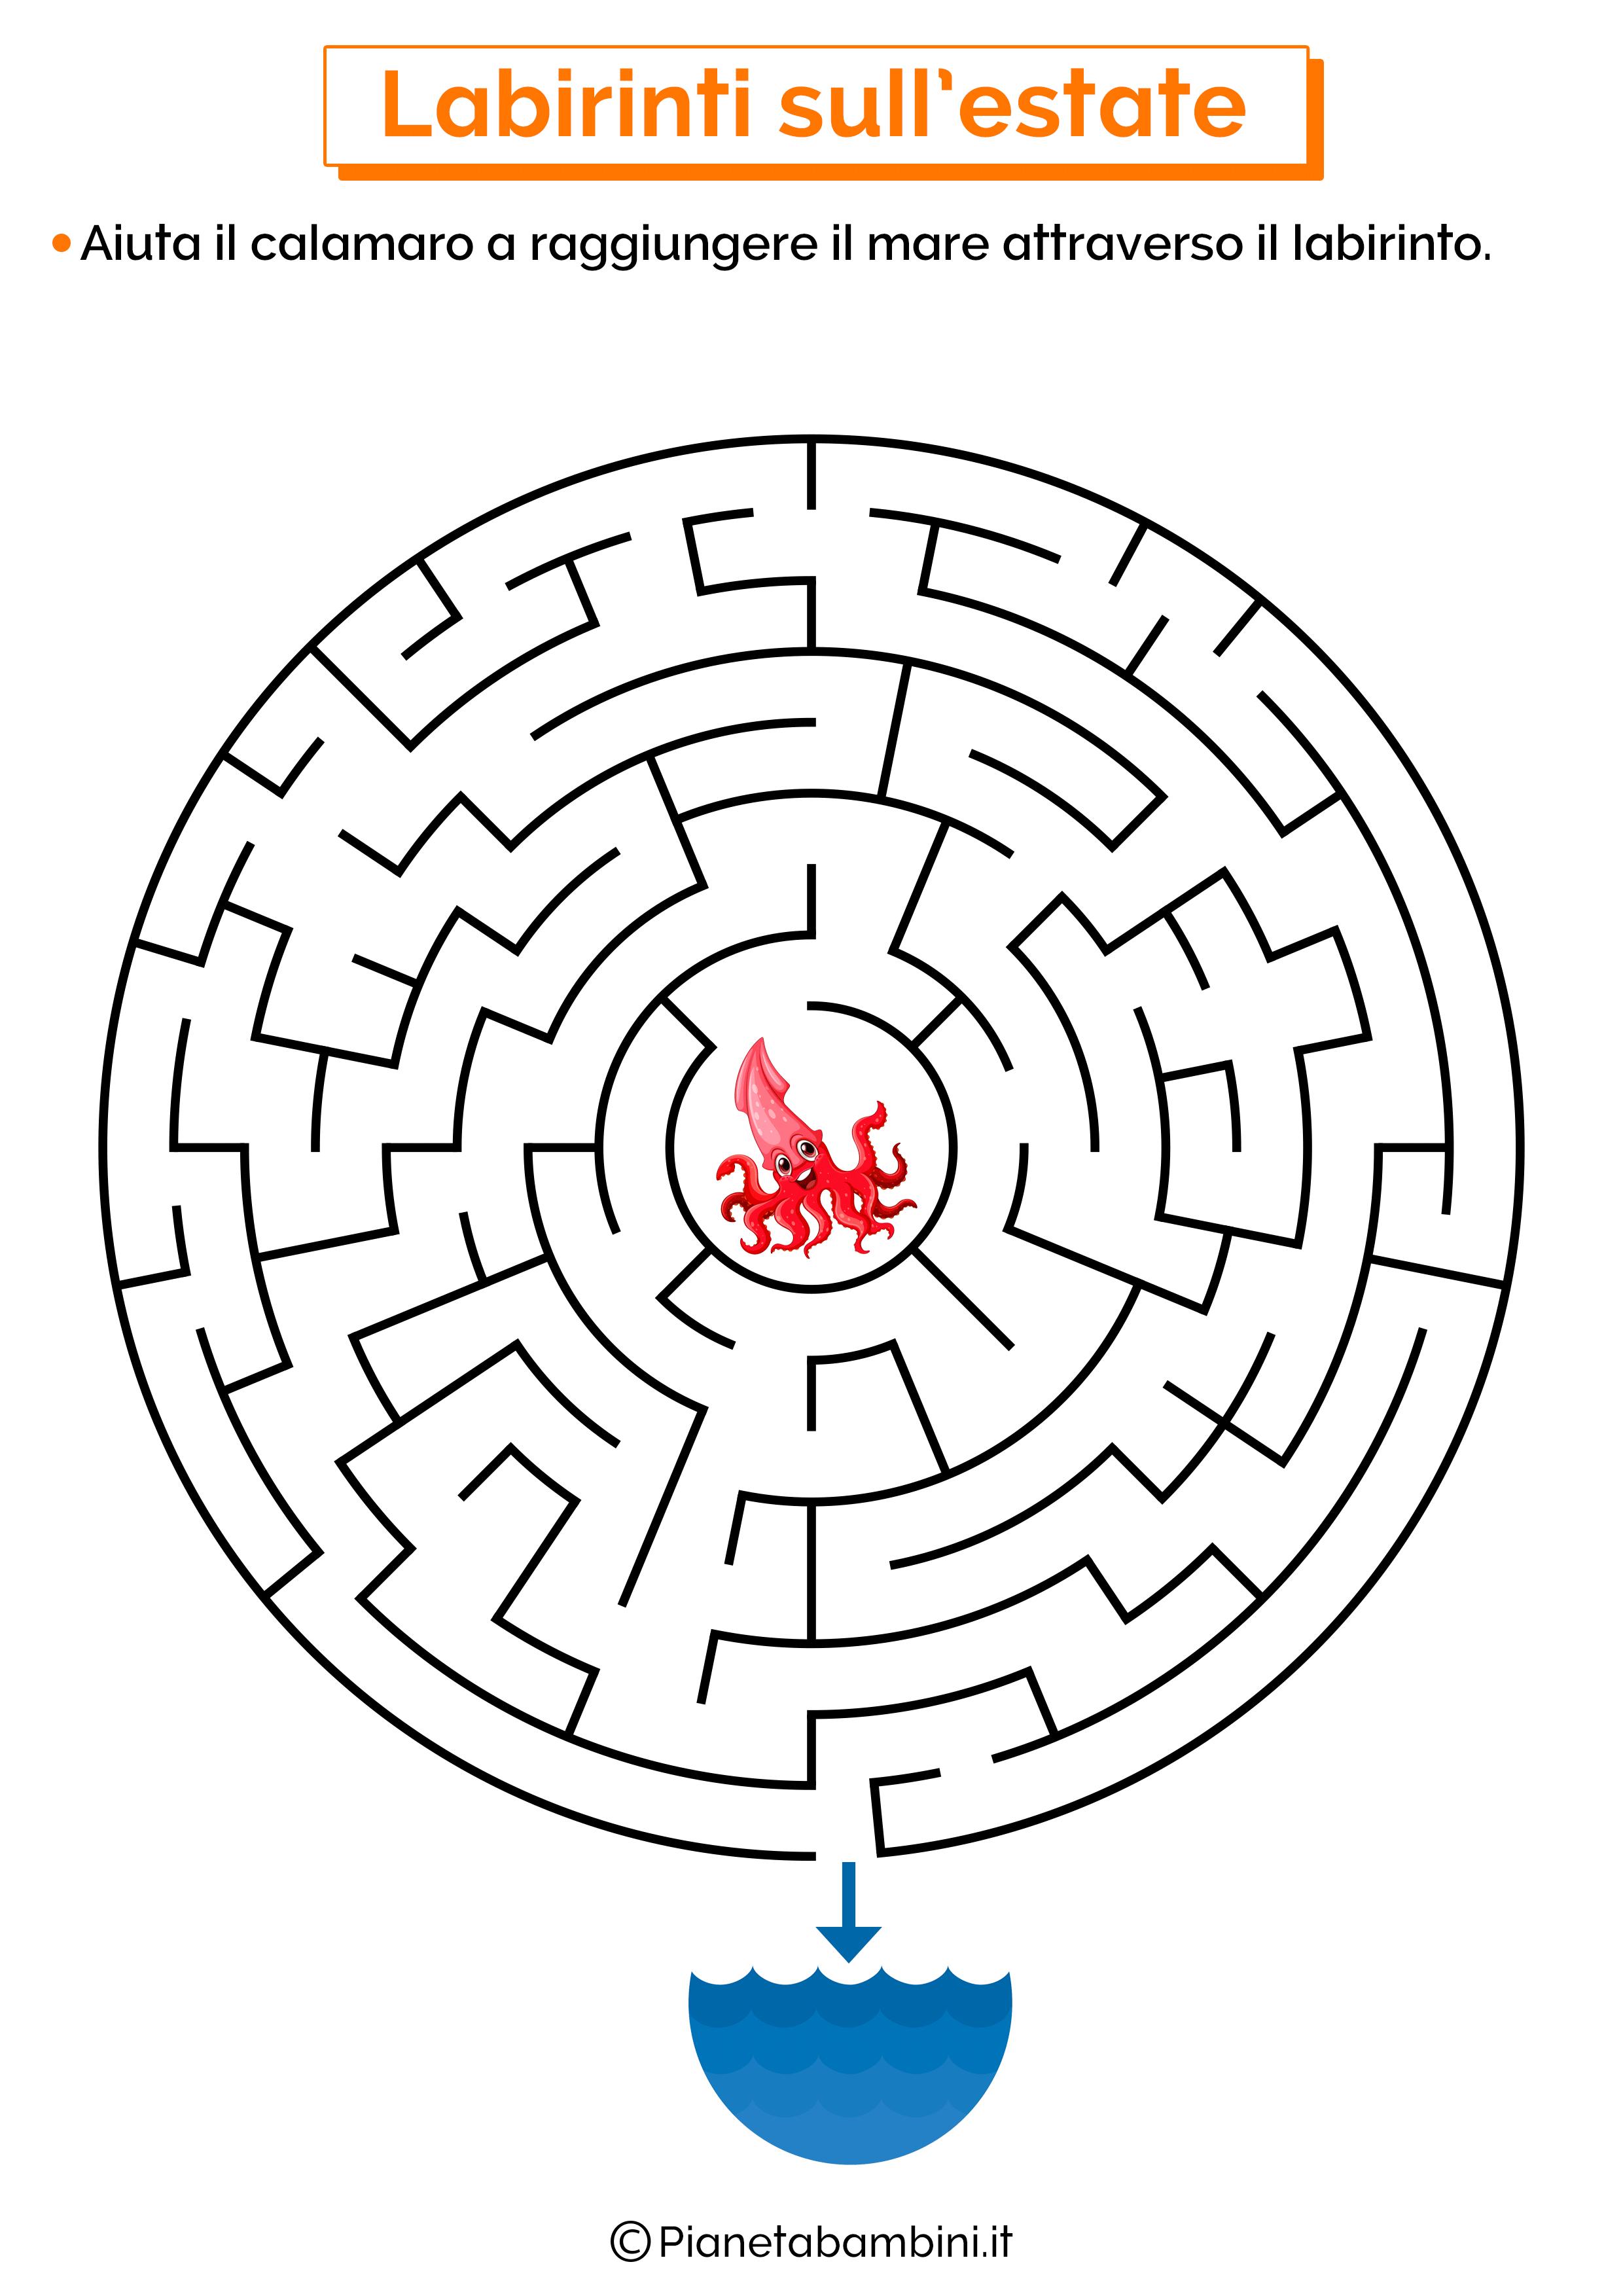 Labirinto sull'estate 12